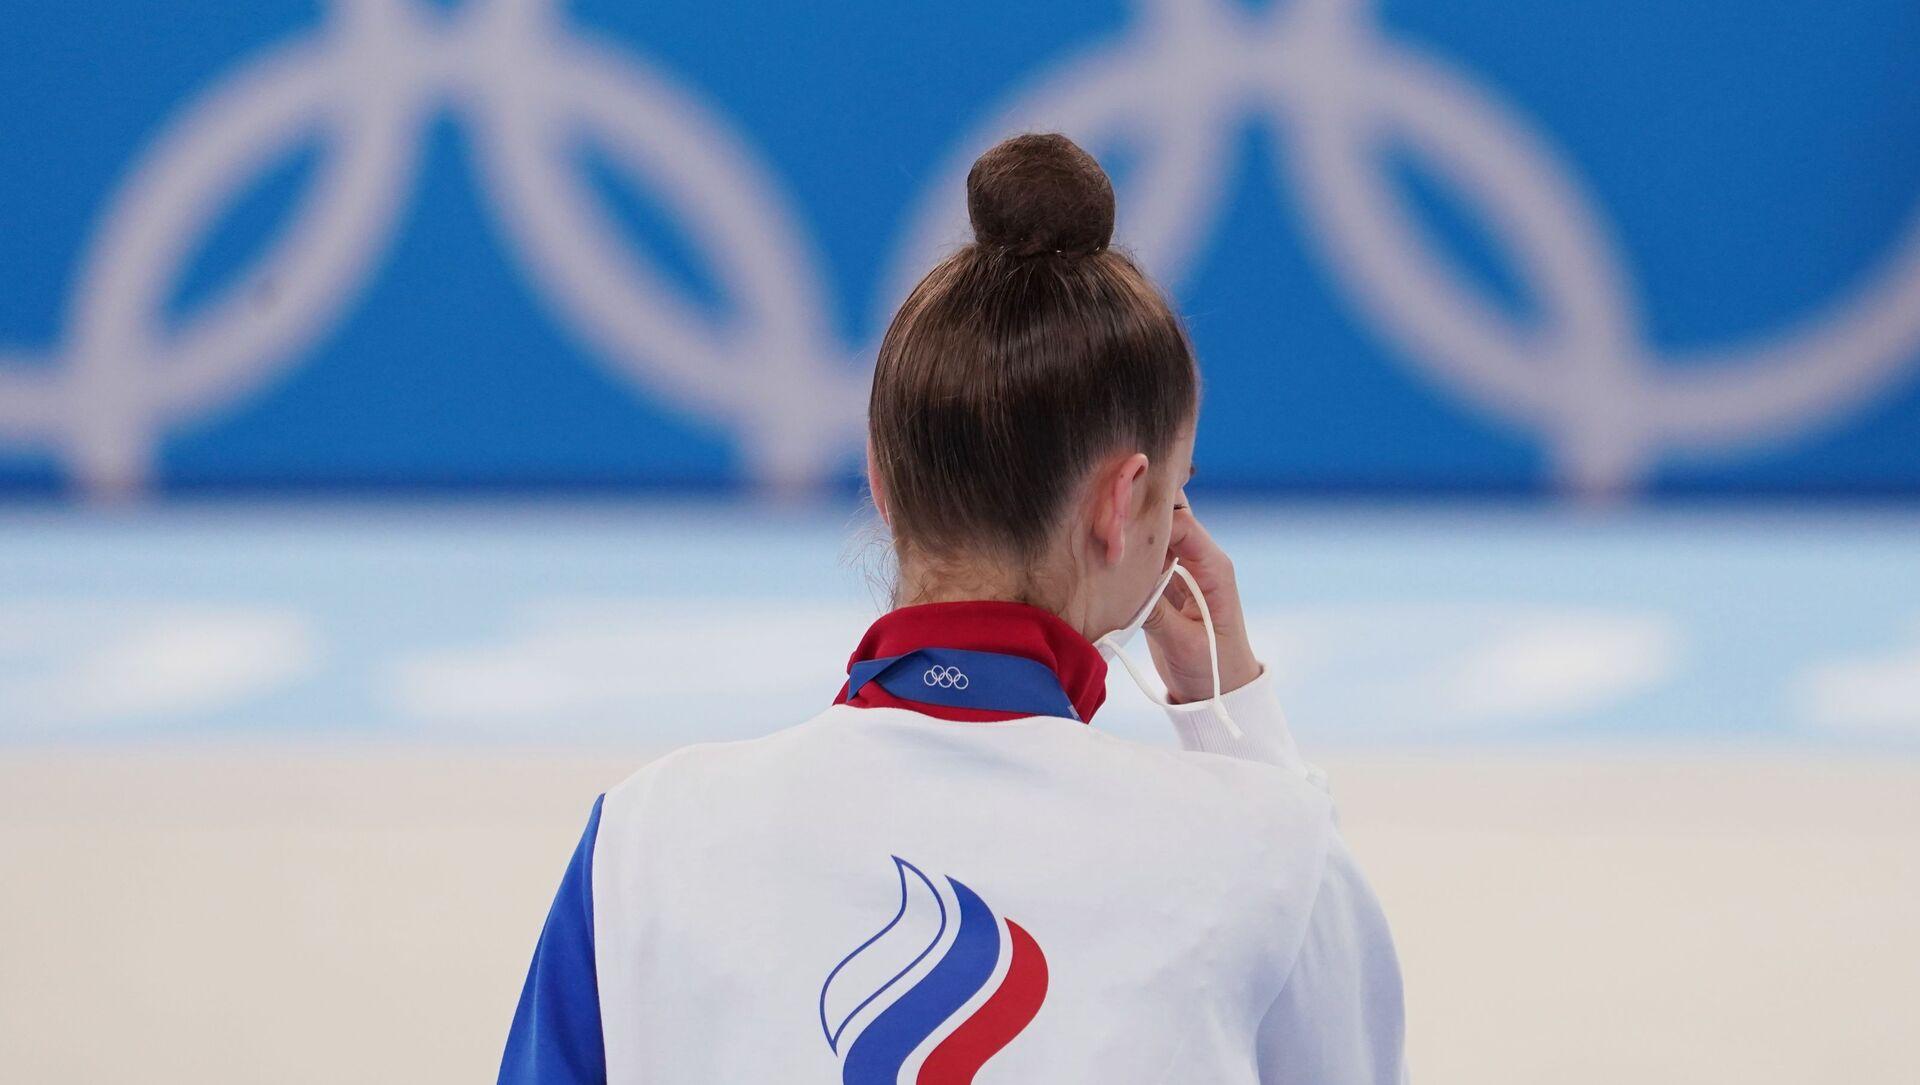 La gymnaste russe Dina Averina, médaille d'argent de l'épreuve individuelle aux Jeux olympiques de Tokyo (archive photo) - Sputnik France, 1920, 07.08.2021